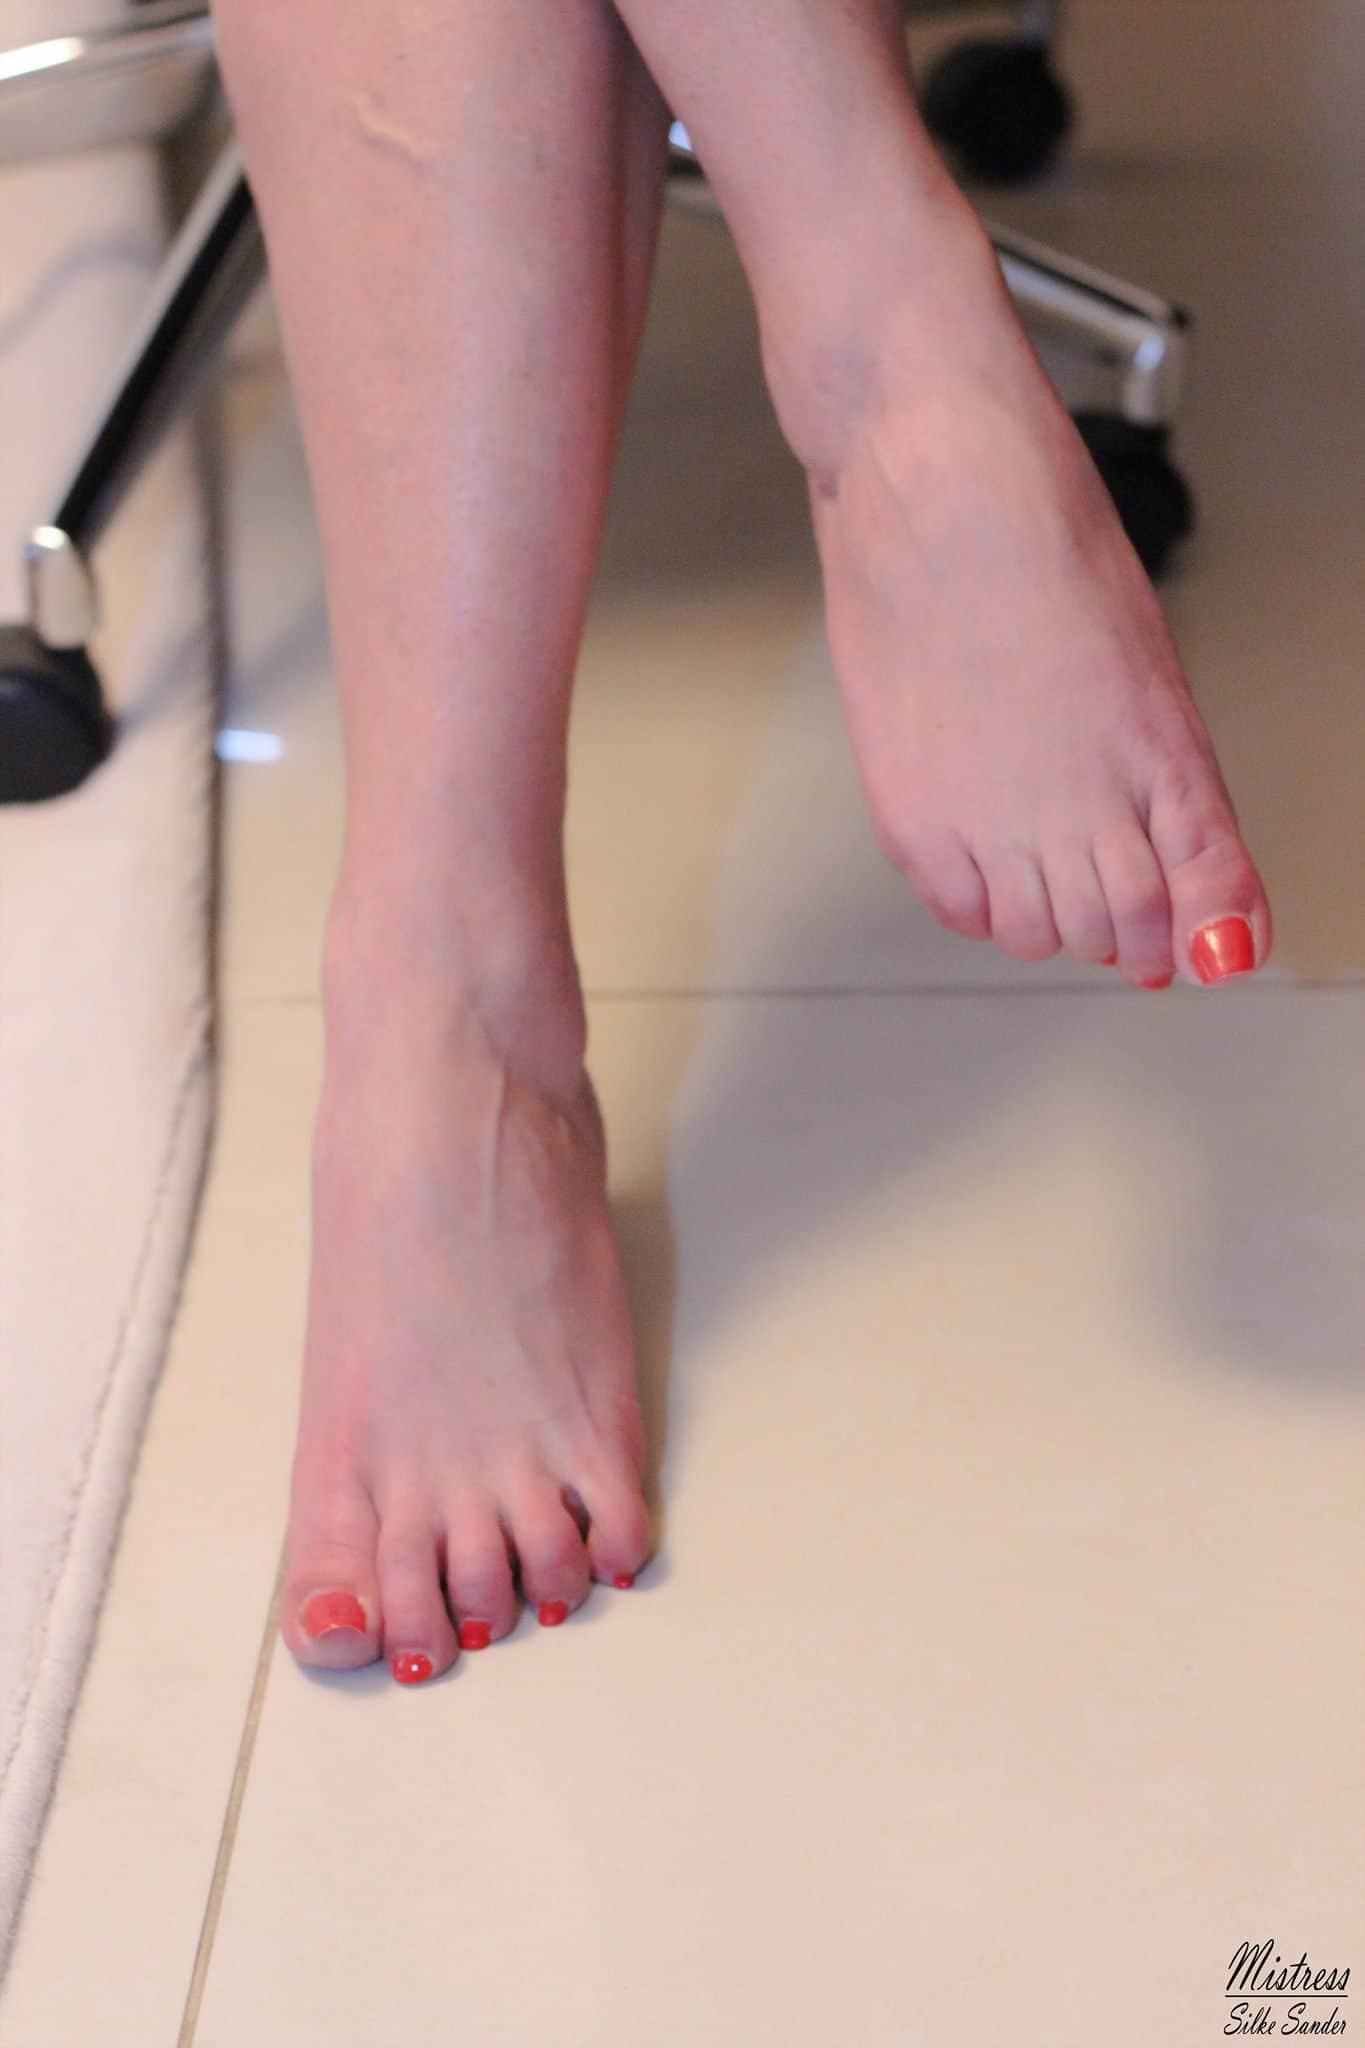 dxb feet7